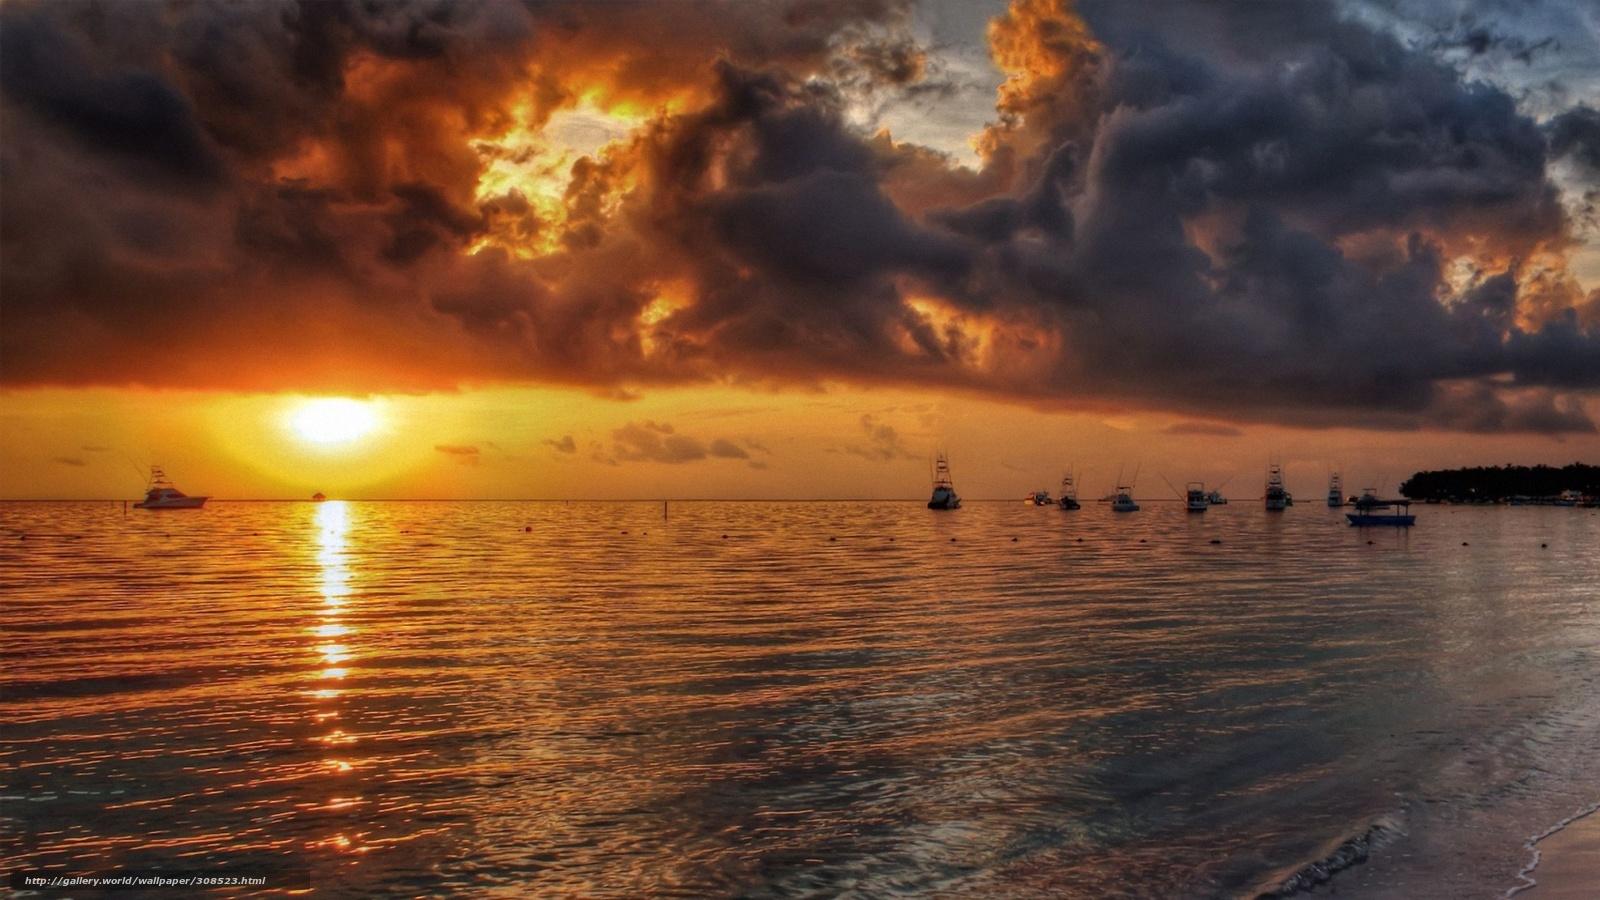 Descargar gratis barcos contra el fondo puesta del sol for Fondo del sol